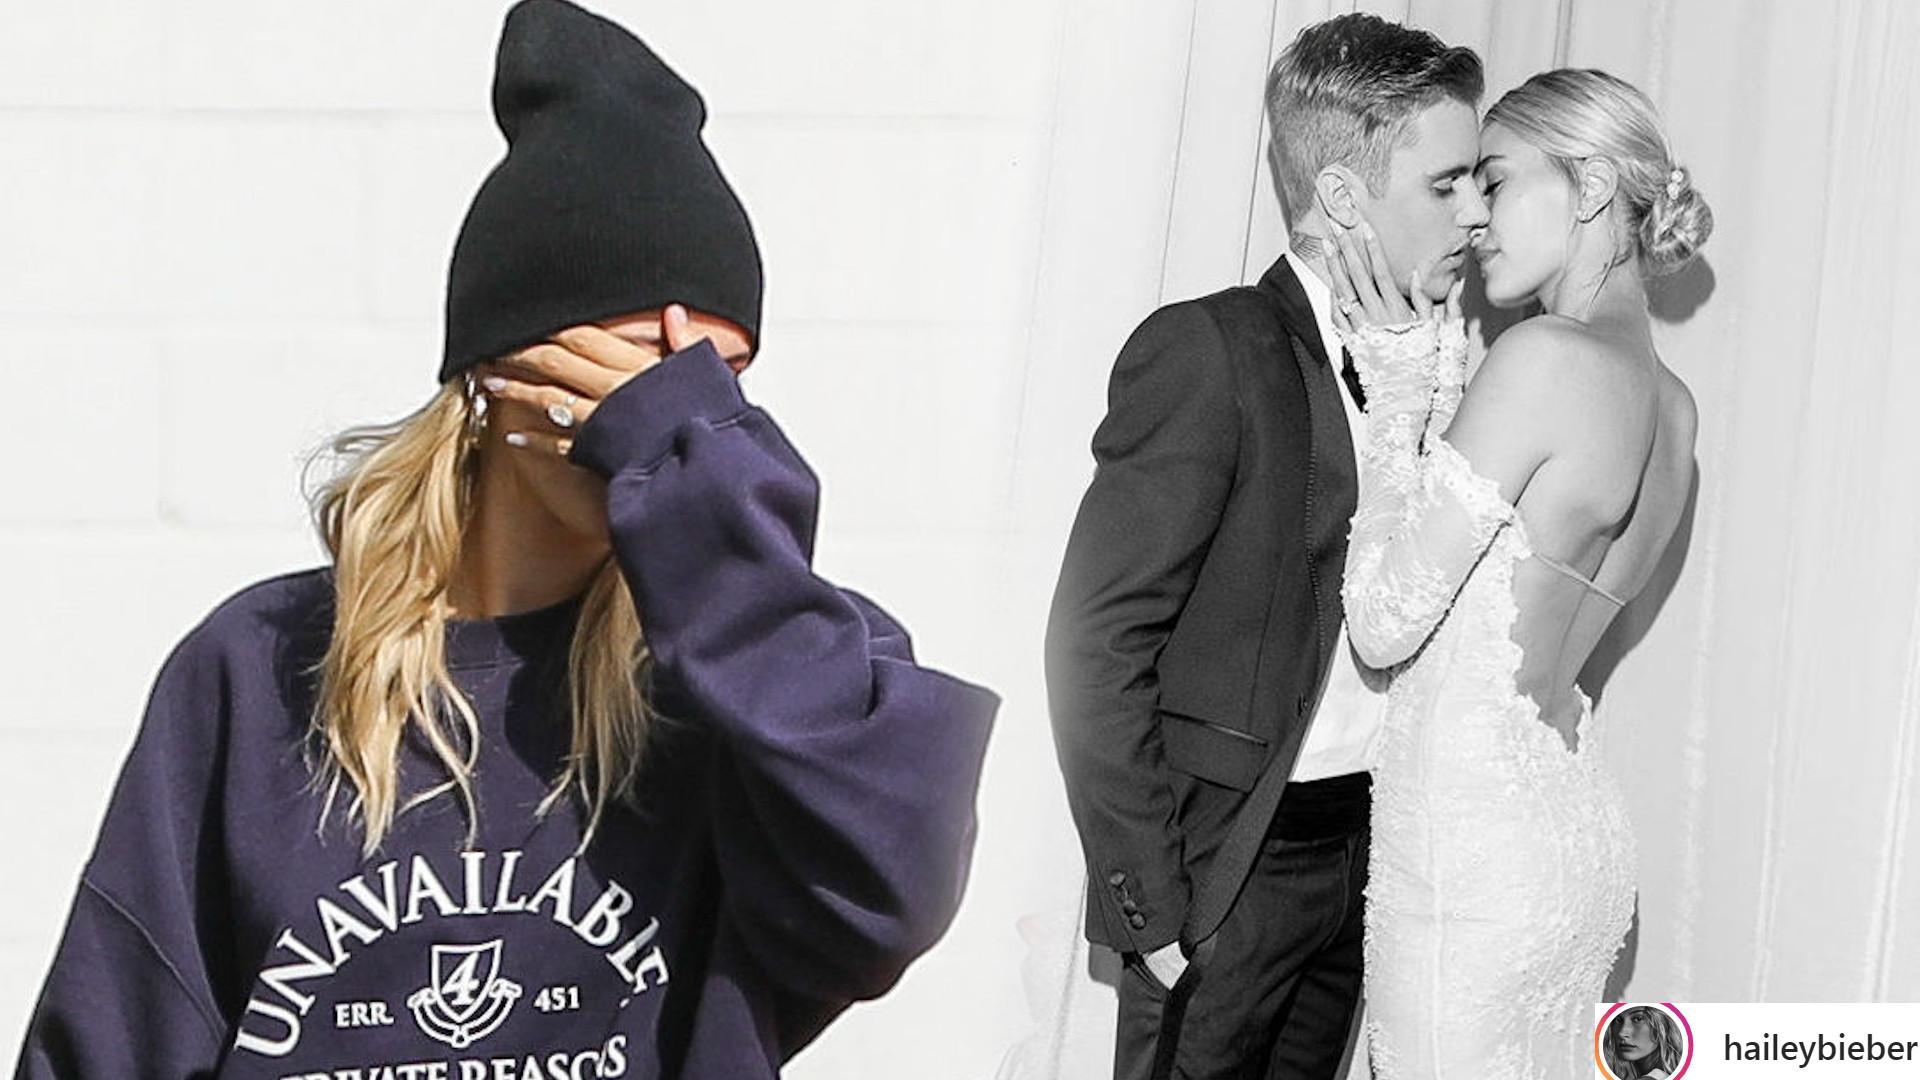 Okropny HEJT na Hailey i Justina Biebera. Pod ich zdjęciami pojawiają się straszne komentarze